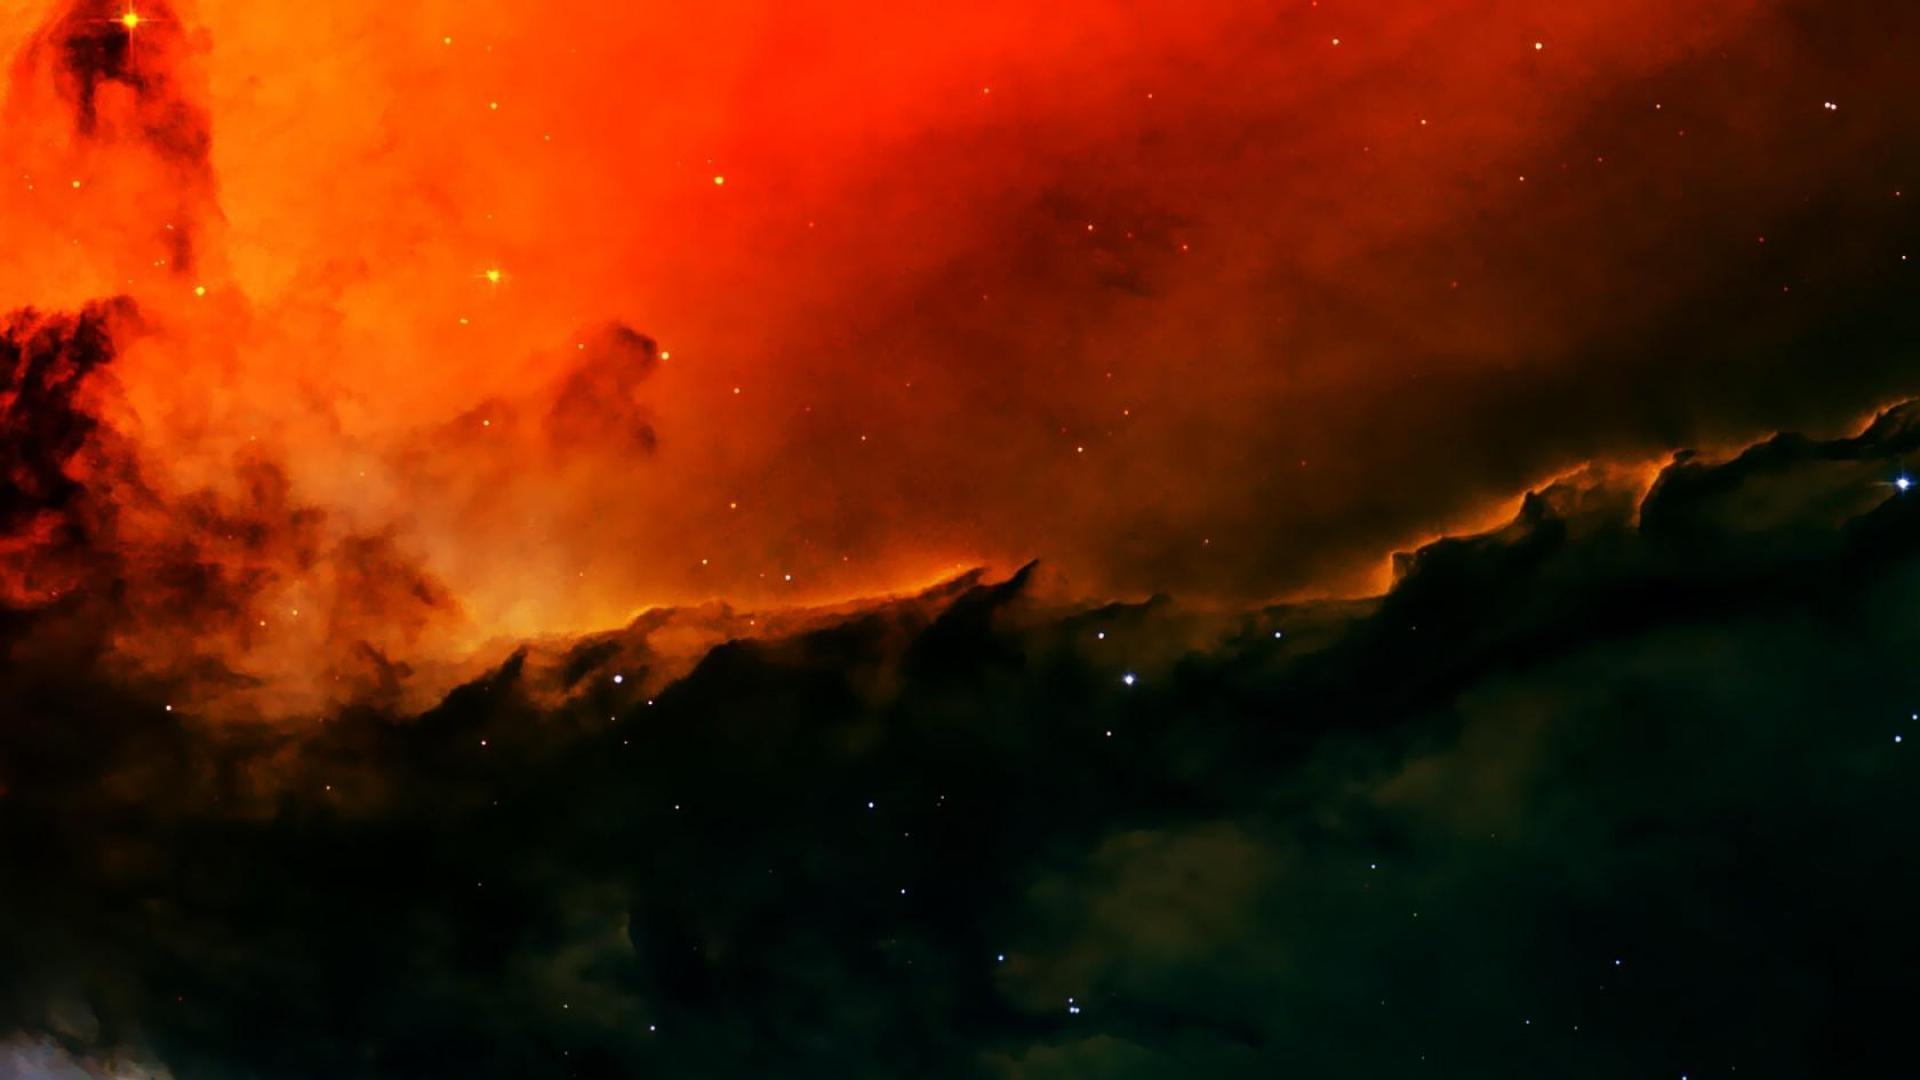 Download wallpaper 1920x1080 nebula space galaxy stars - 1080p nebula wallpaper ...